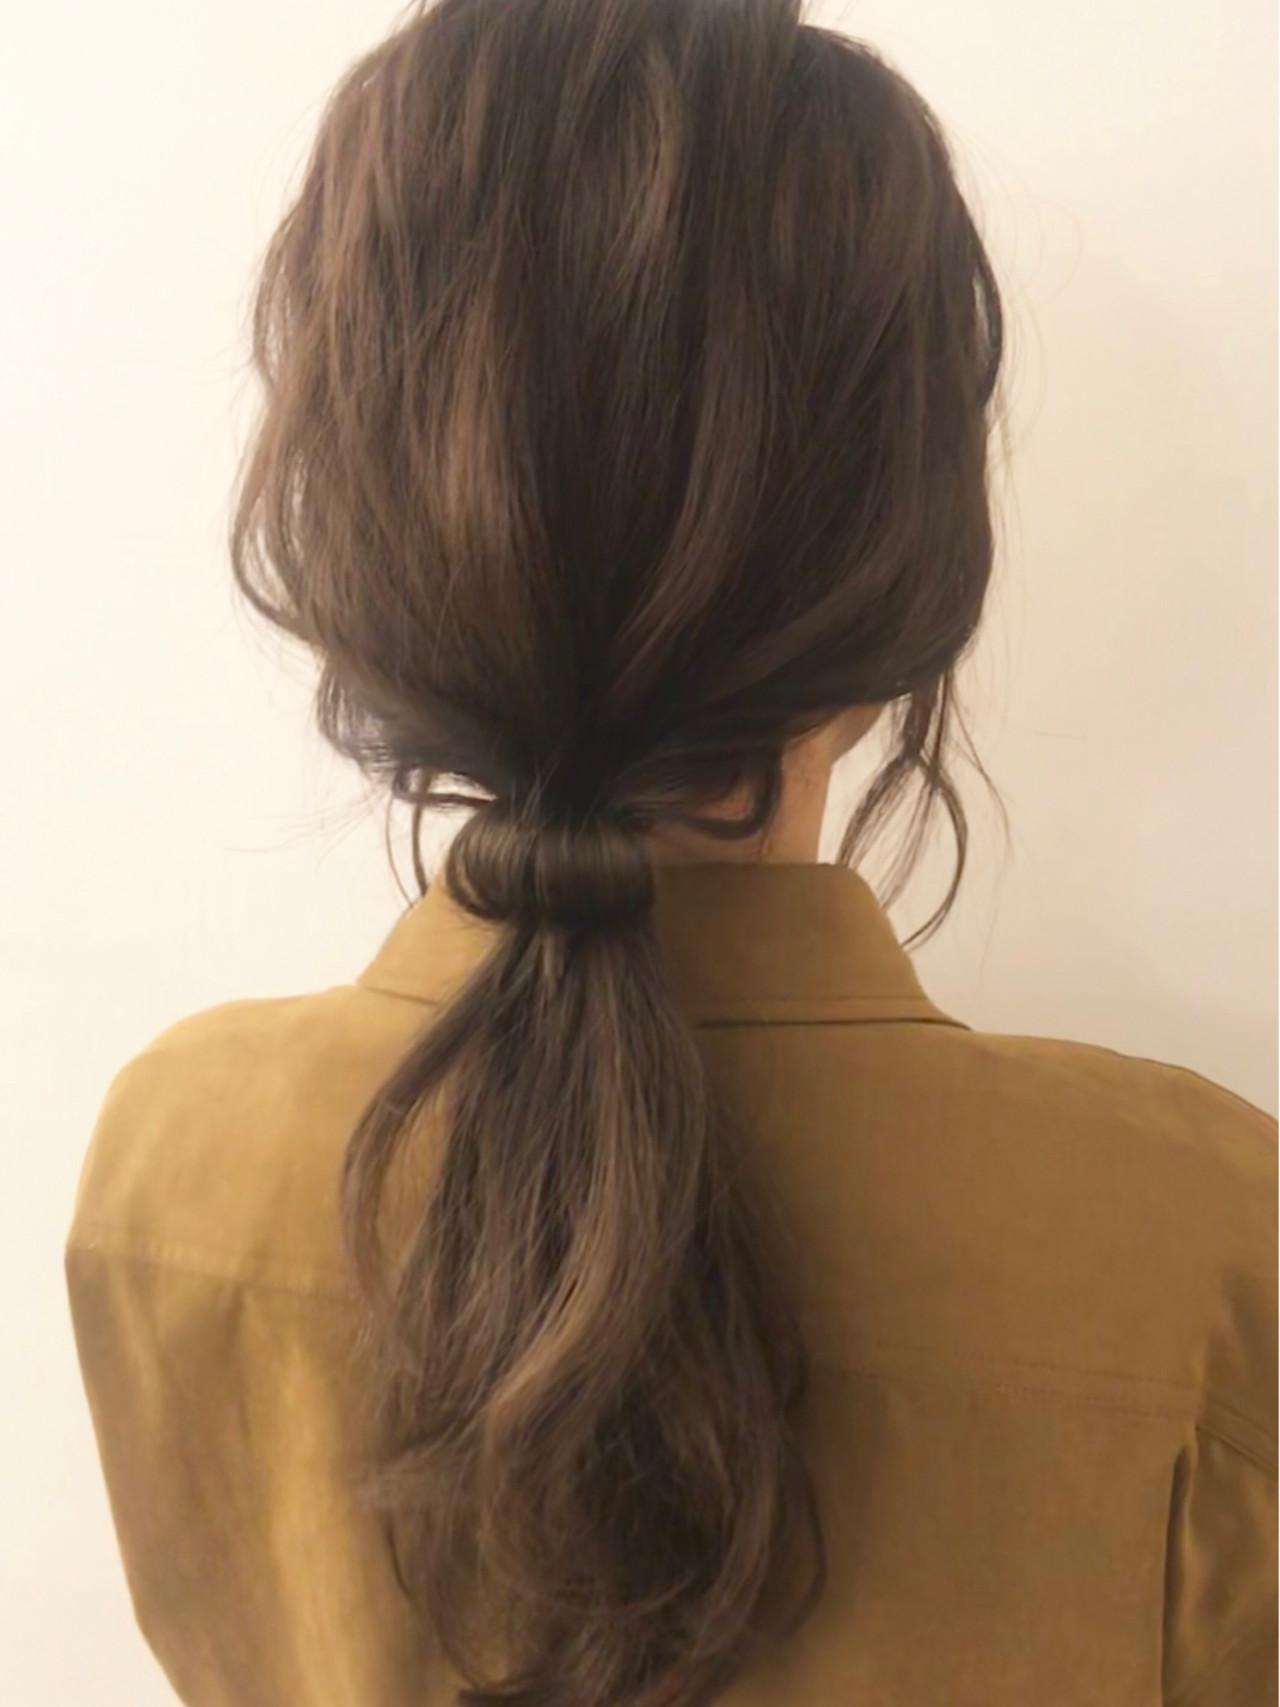 簡単ヘアアレンジ 結婚式 ロング ヘアアレンジ ヘアスタイルや髪型の写真・画像 | ヤマキタ トシキ Neolive / Neolive CiroL.